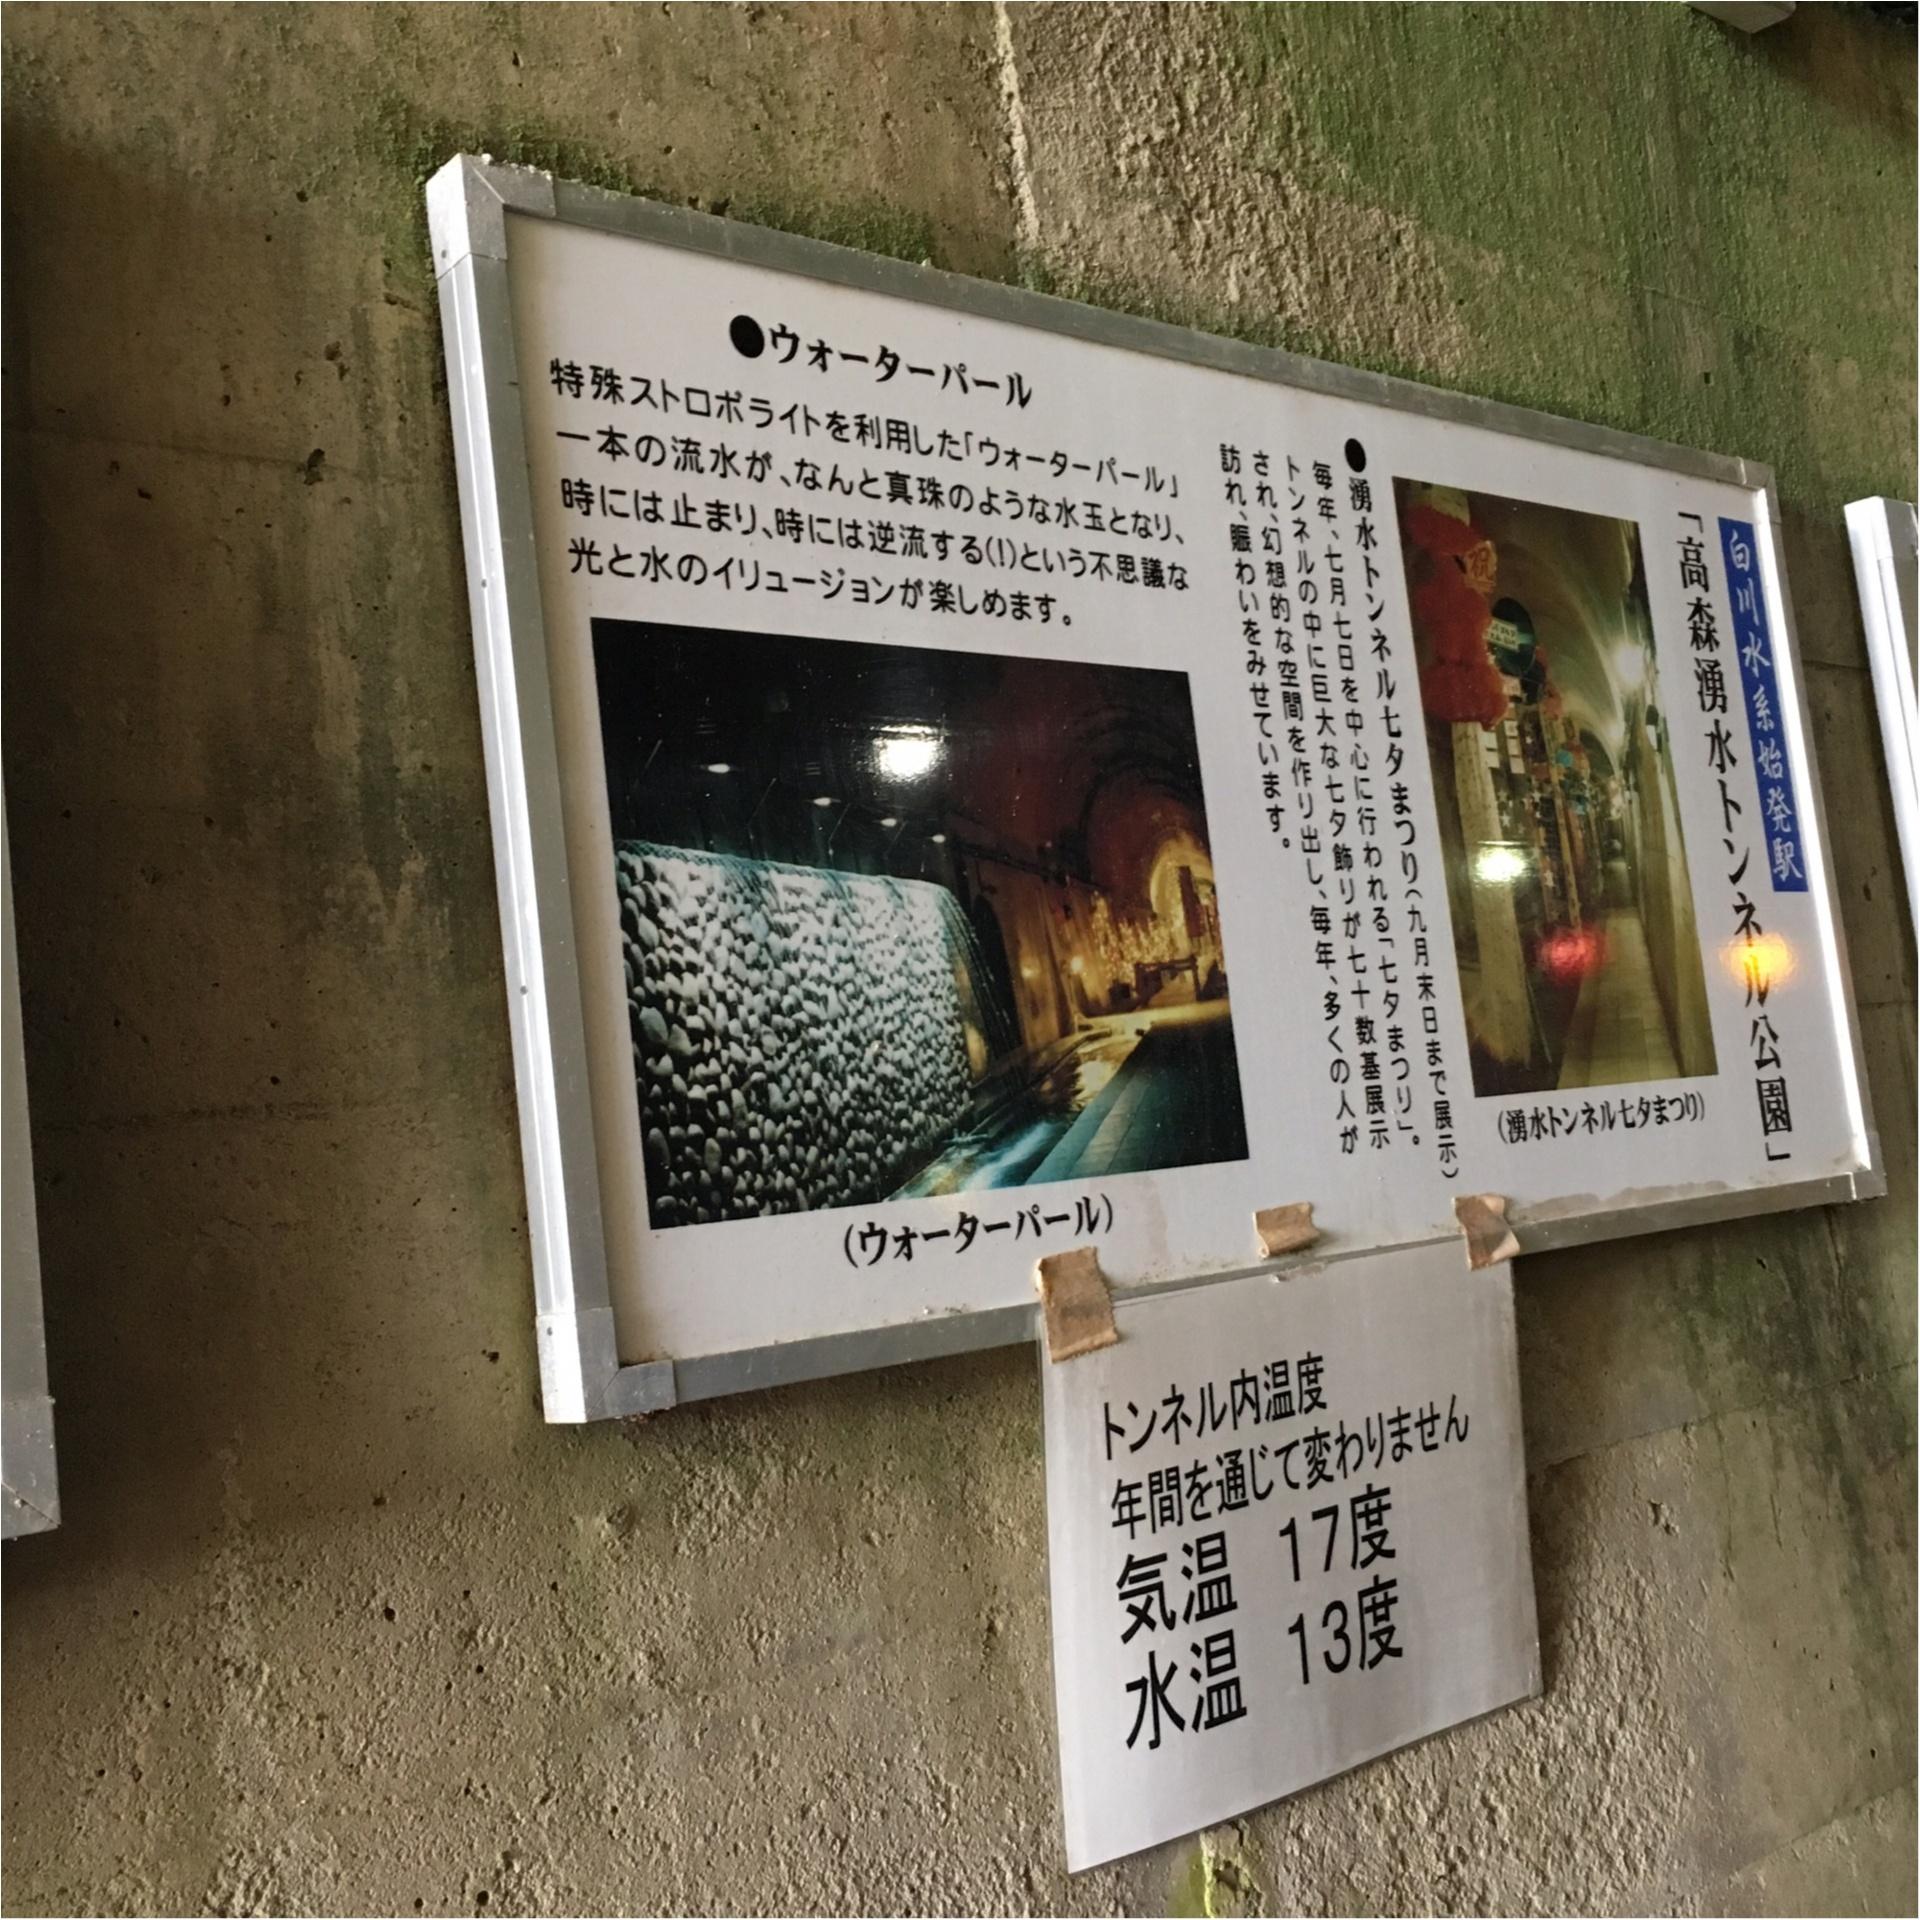 【動画で紹介!】熊本 阿蘇の「高森湧水トンネル」は幻想的なトンネルでデートにもオススメなんです!【#モアチャレ 熊本の魅力発信!】_2